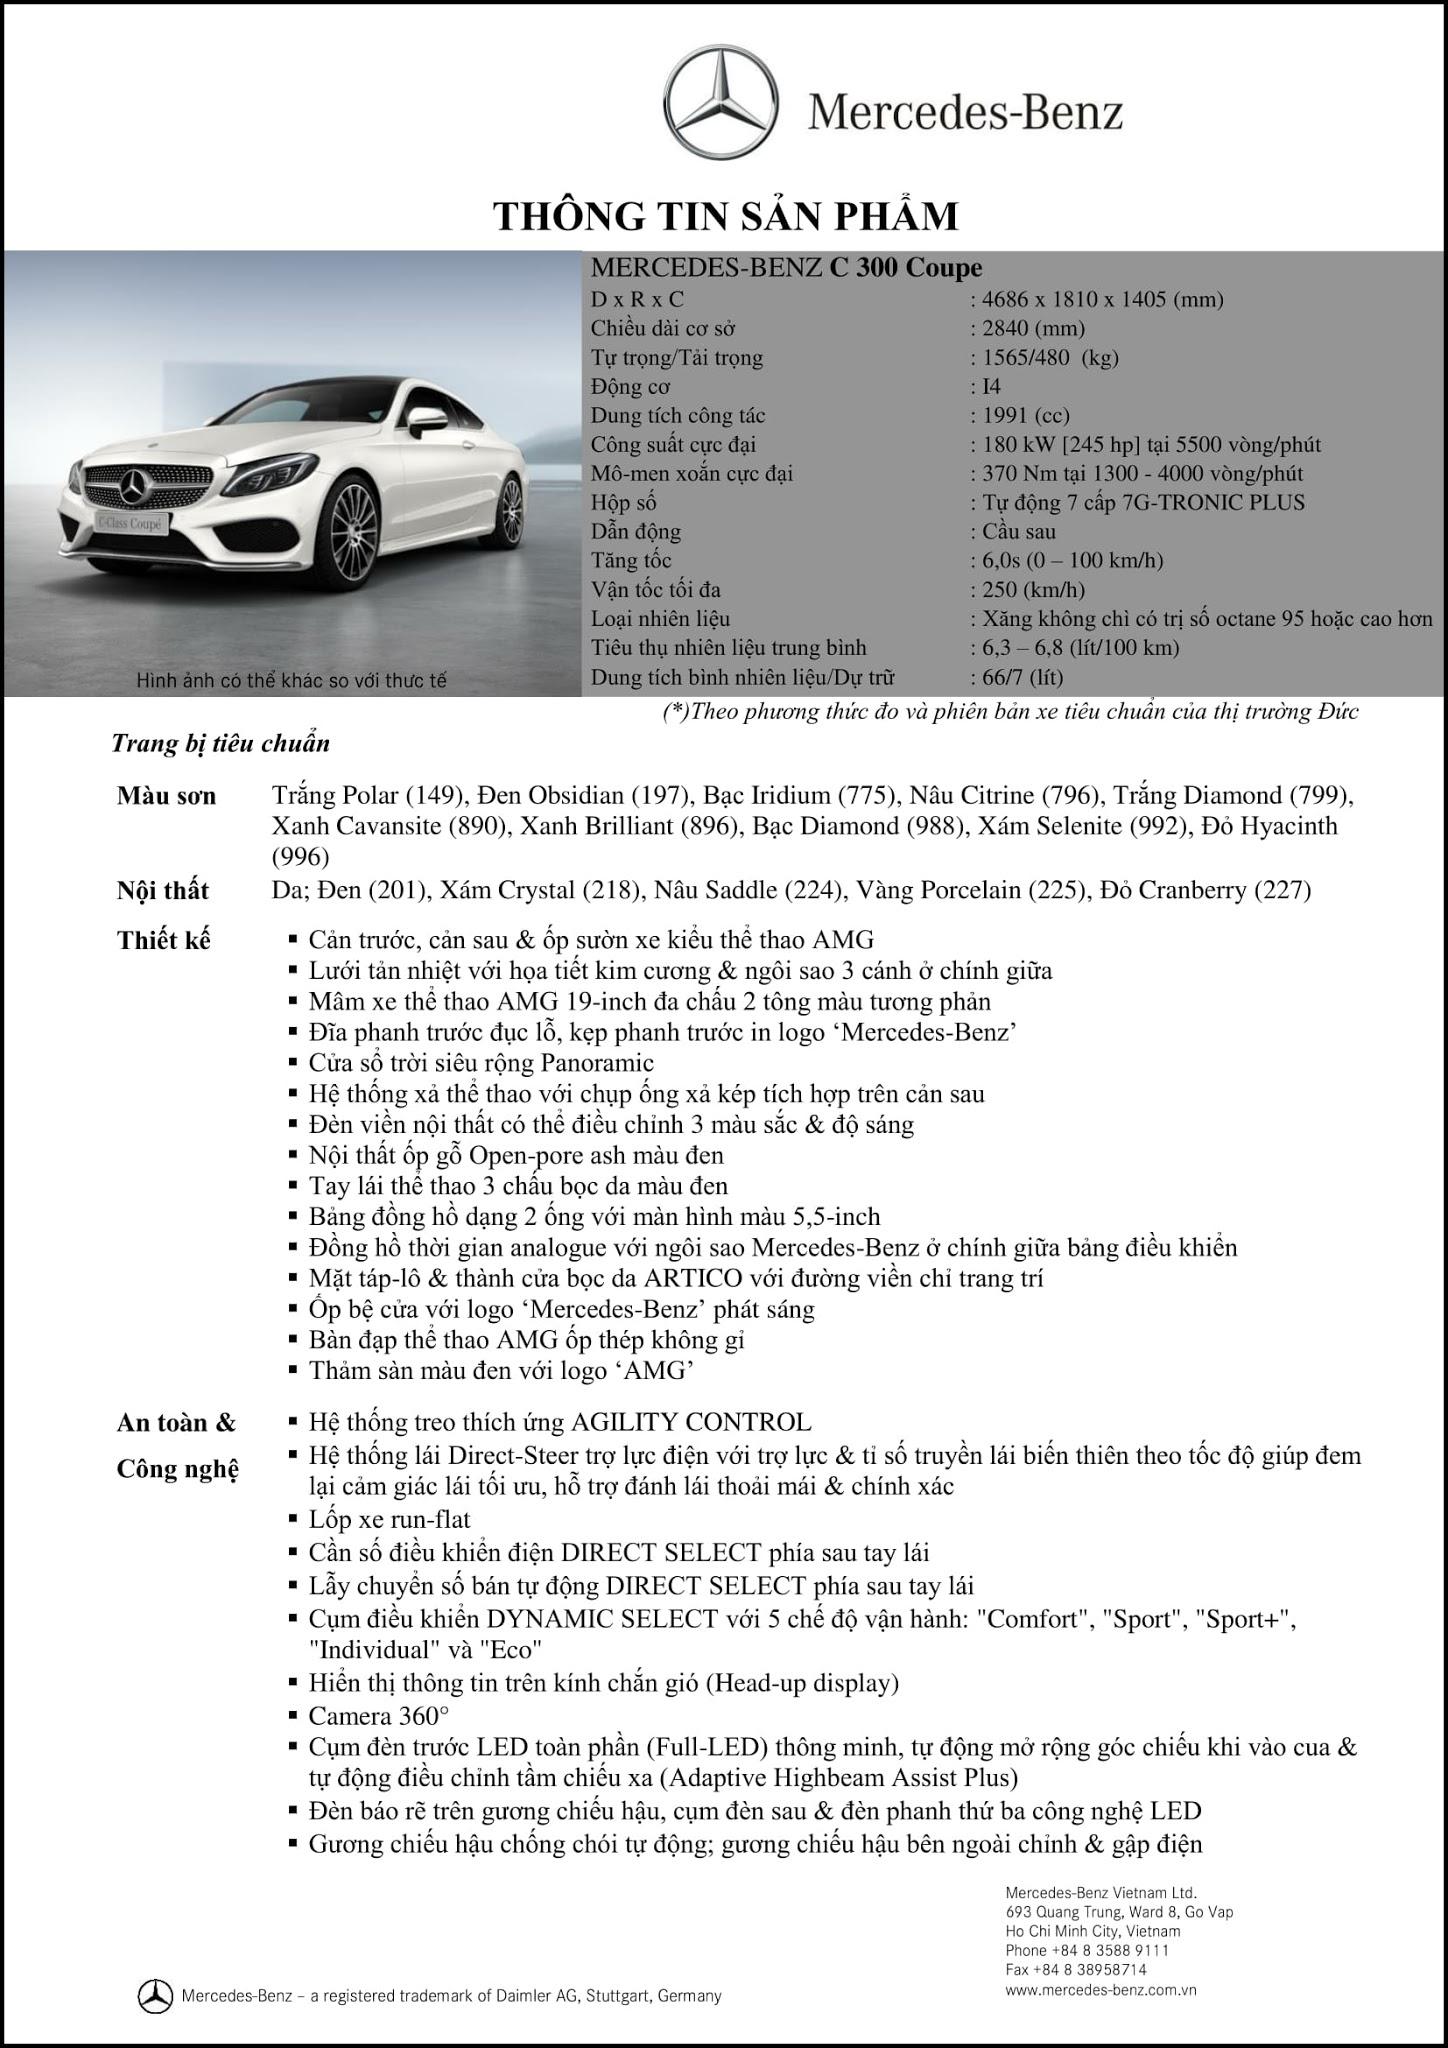 Bảng thông số kỹ thuật Mercedes C300 Coupe 2017 tại Mercedes Trường Chinh